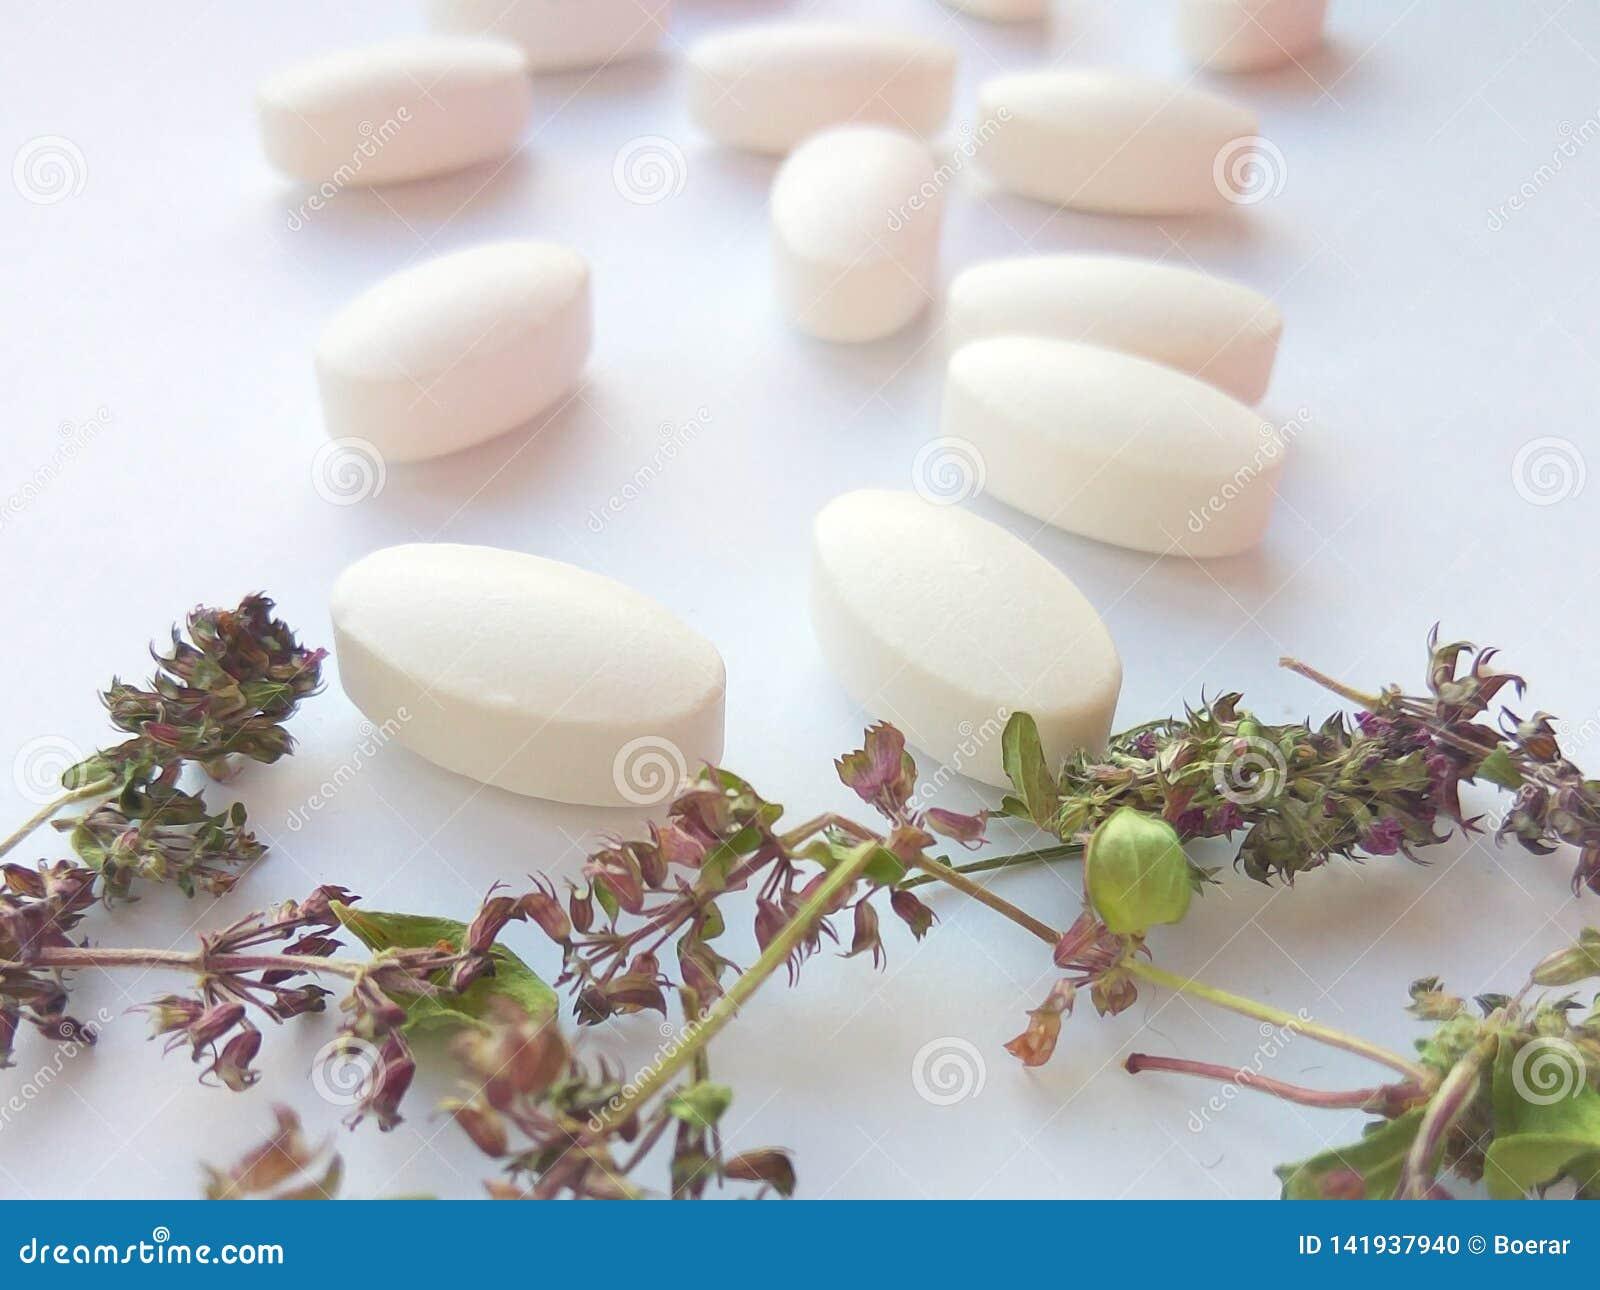 Kruidengeneeskundepillen met droge natuurlijke kruiden op witte achtergrond Concept kruidengeneeskunde en dieetsupplementen